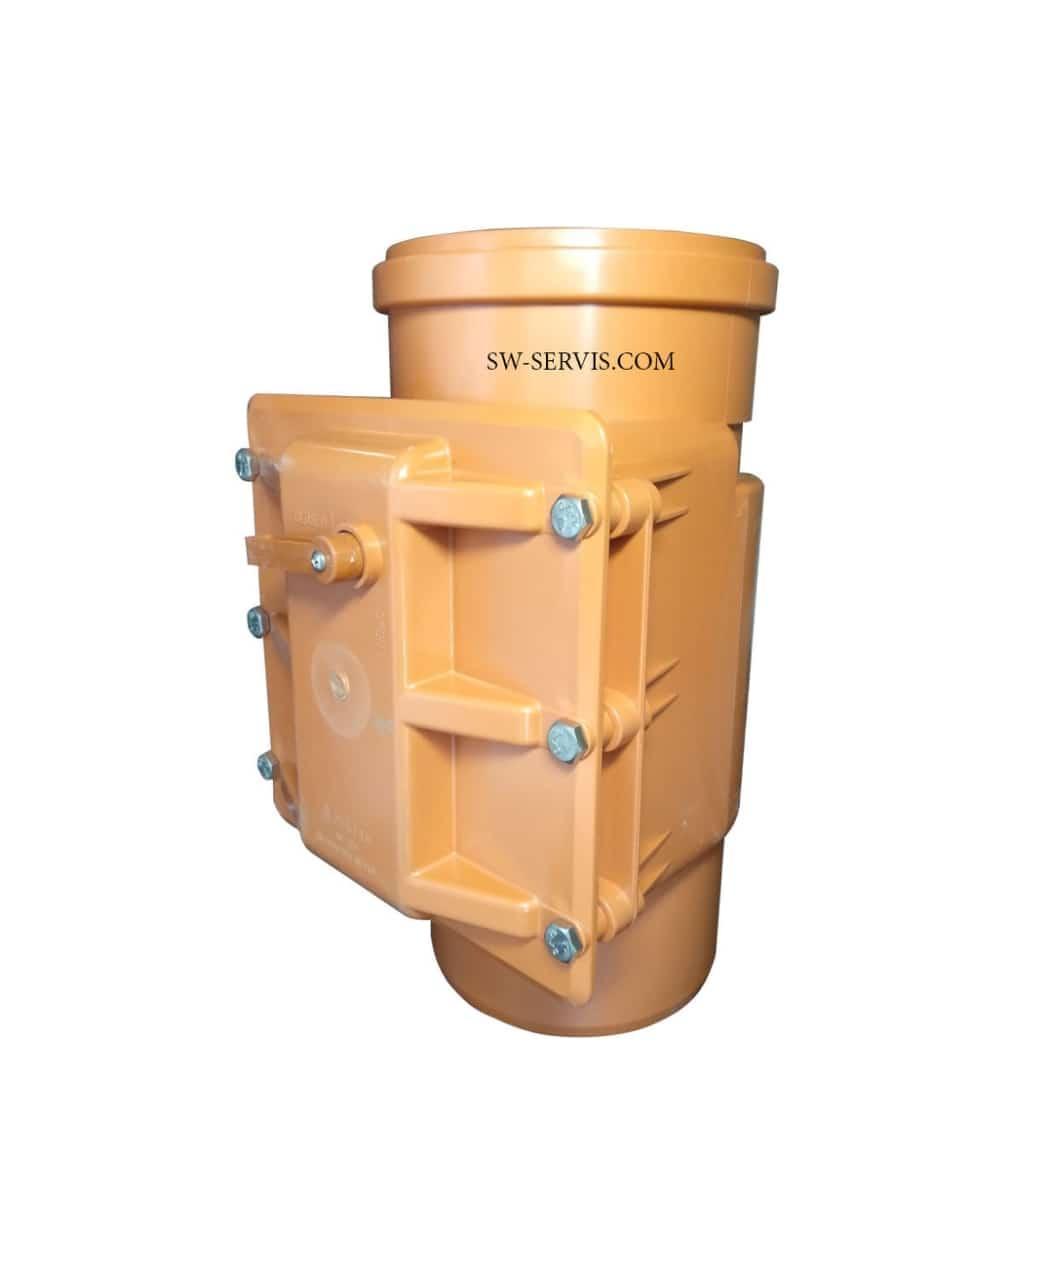 Обратный клапан для канализации ду160 pestan